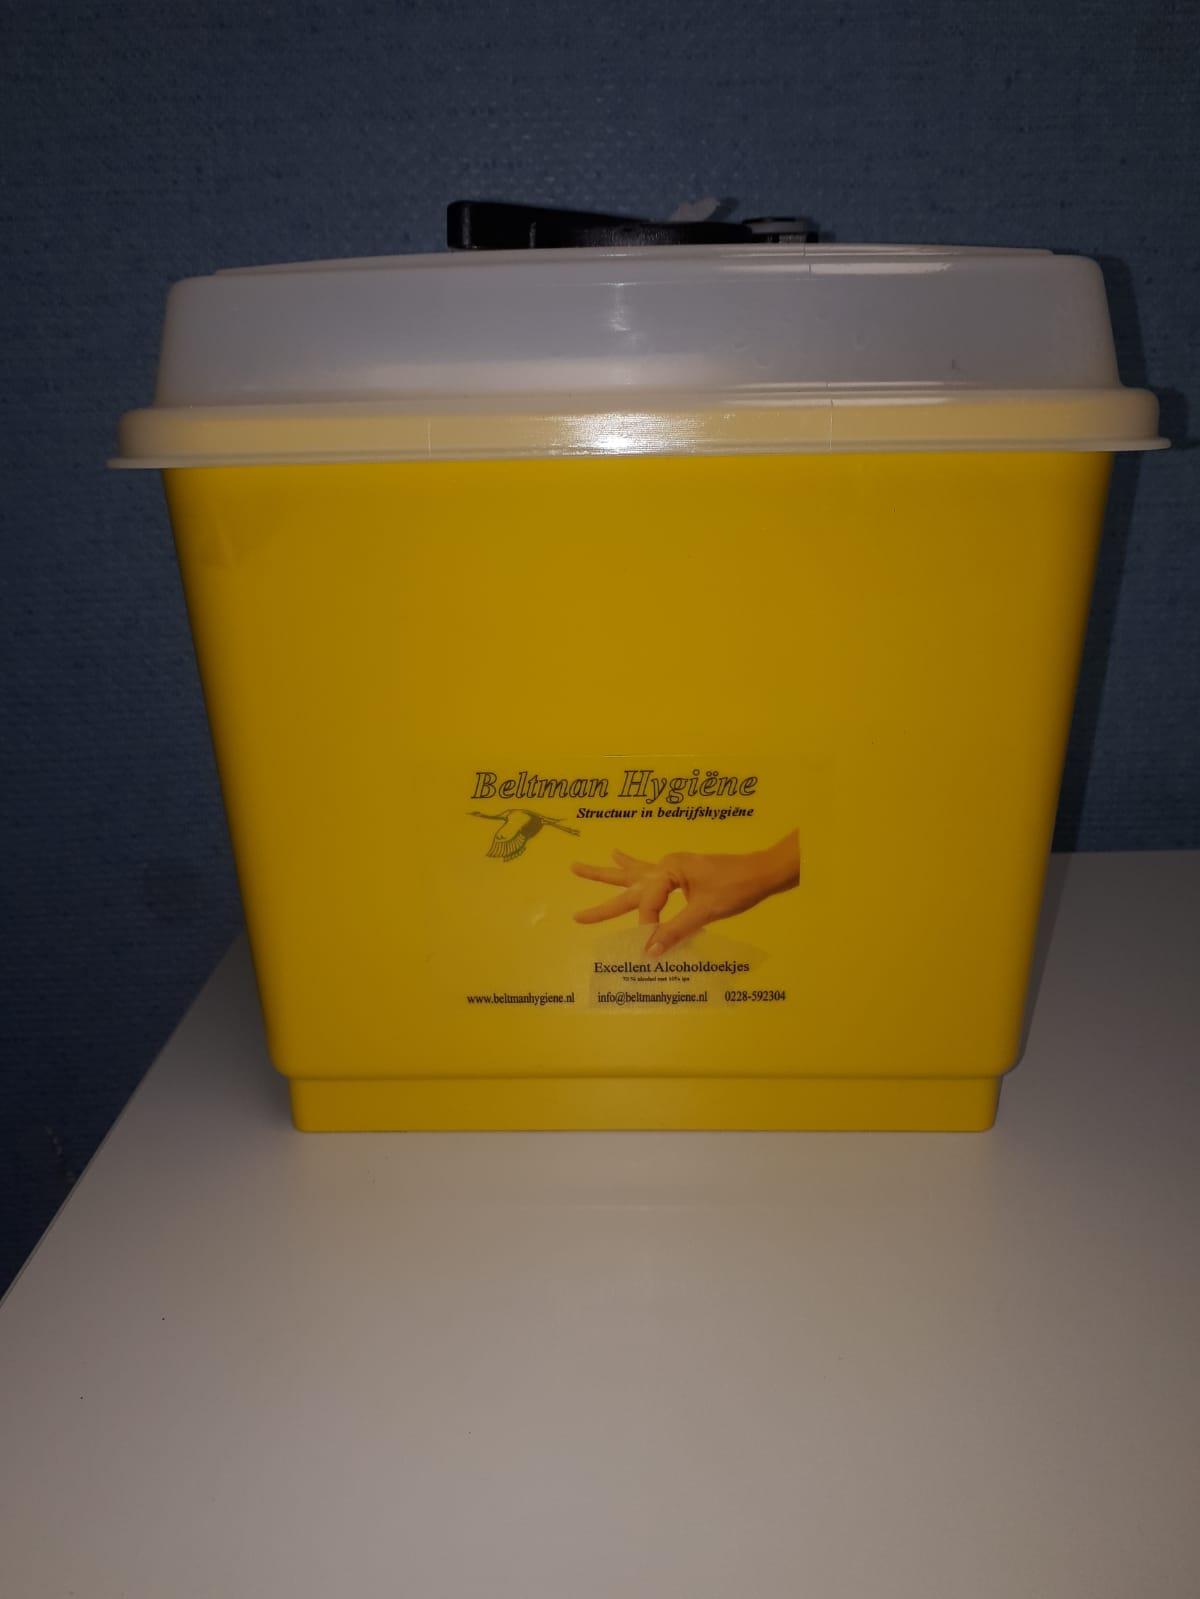 Gele emmer tbv alcohol doekjes Image